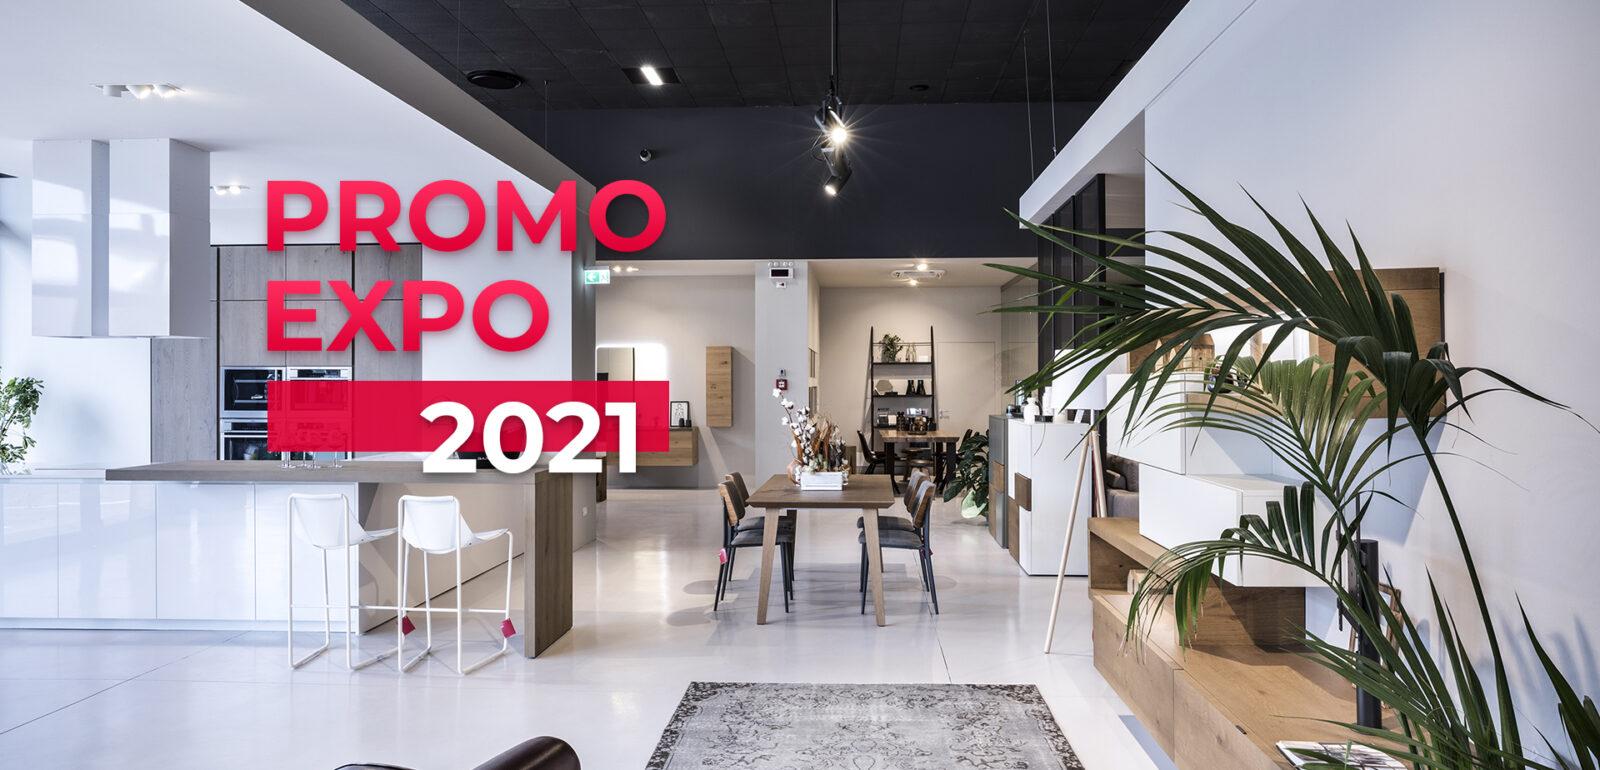 promo expo 2021 - sconti dal 25% al 50% su arredi per la casa in esposizione a Treviso